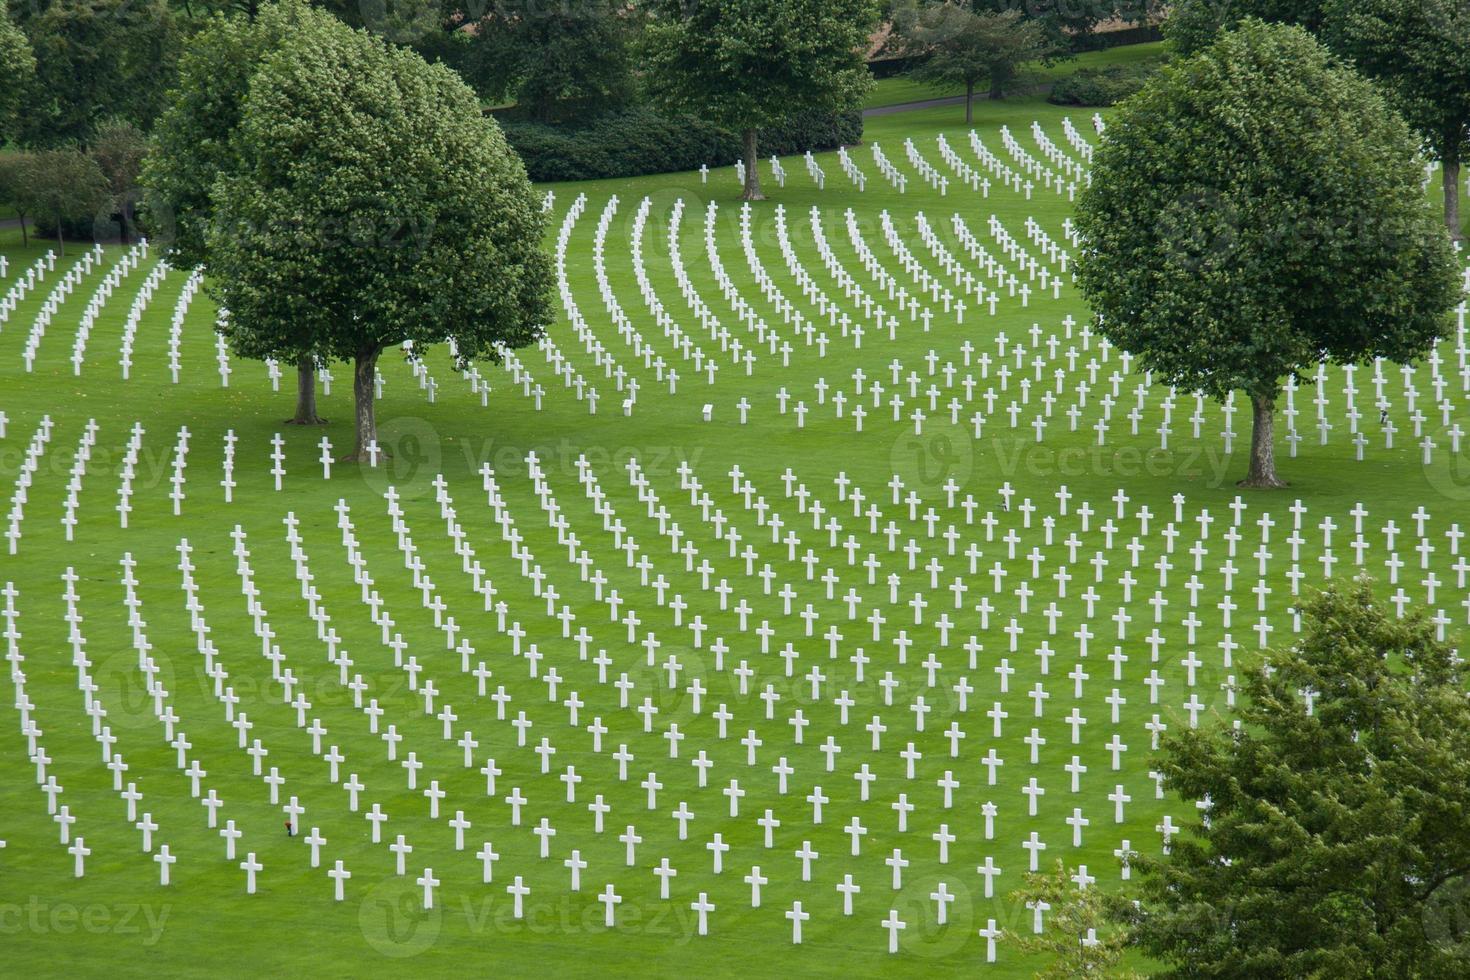 panoramica cimitero americano della seconda guerra mondiale con alberi foto